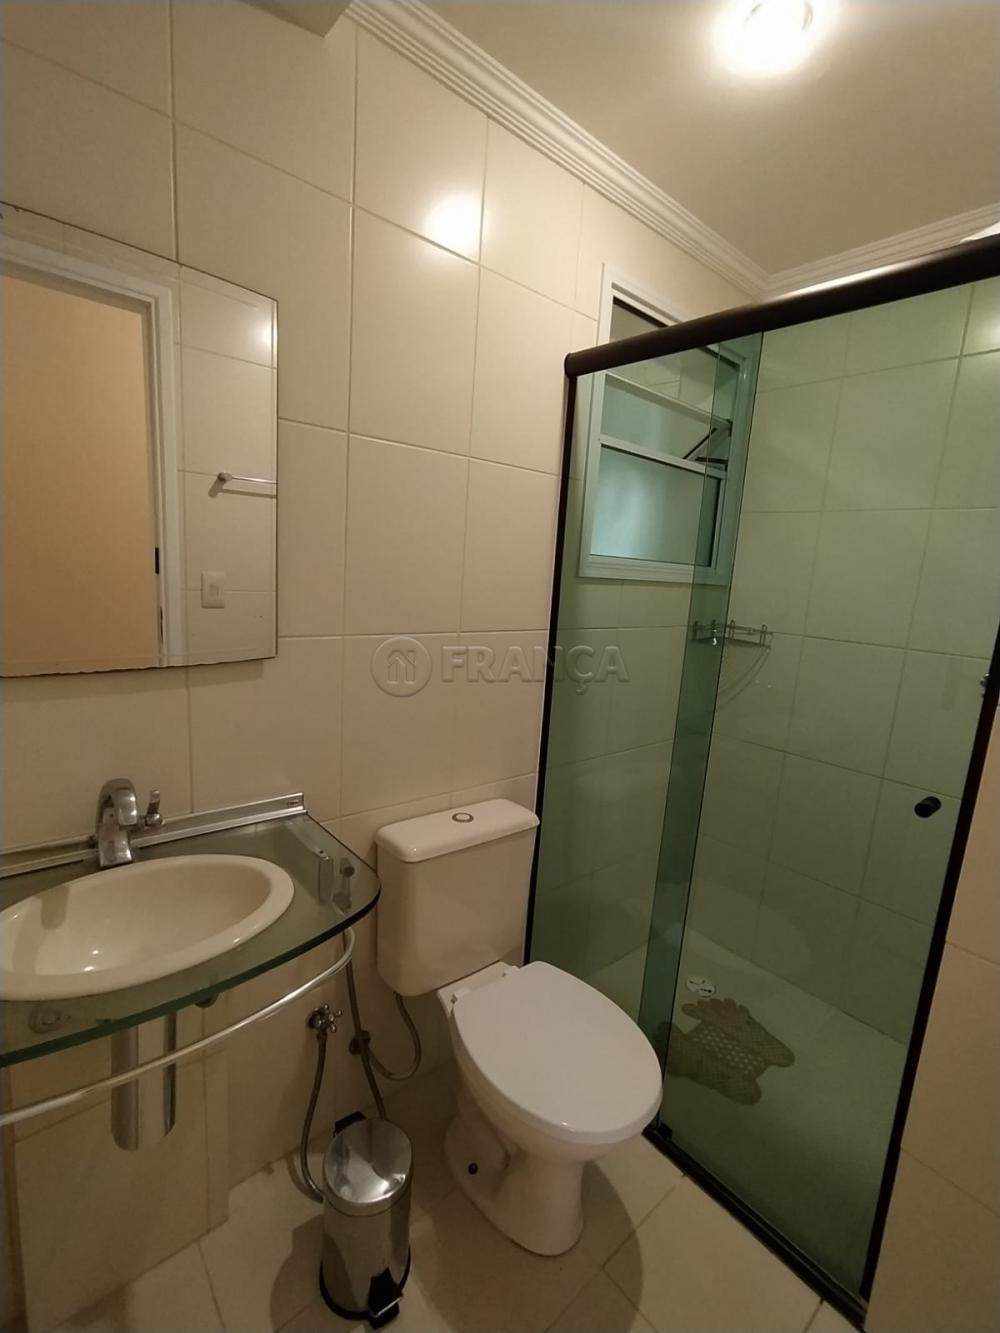 Alugar Apartamento / Padrão em Jacareí R$ 1.500,00 - Foto 13